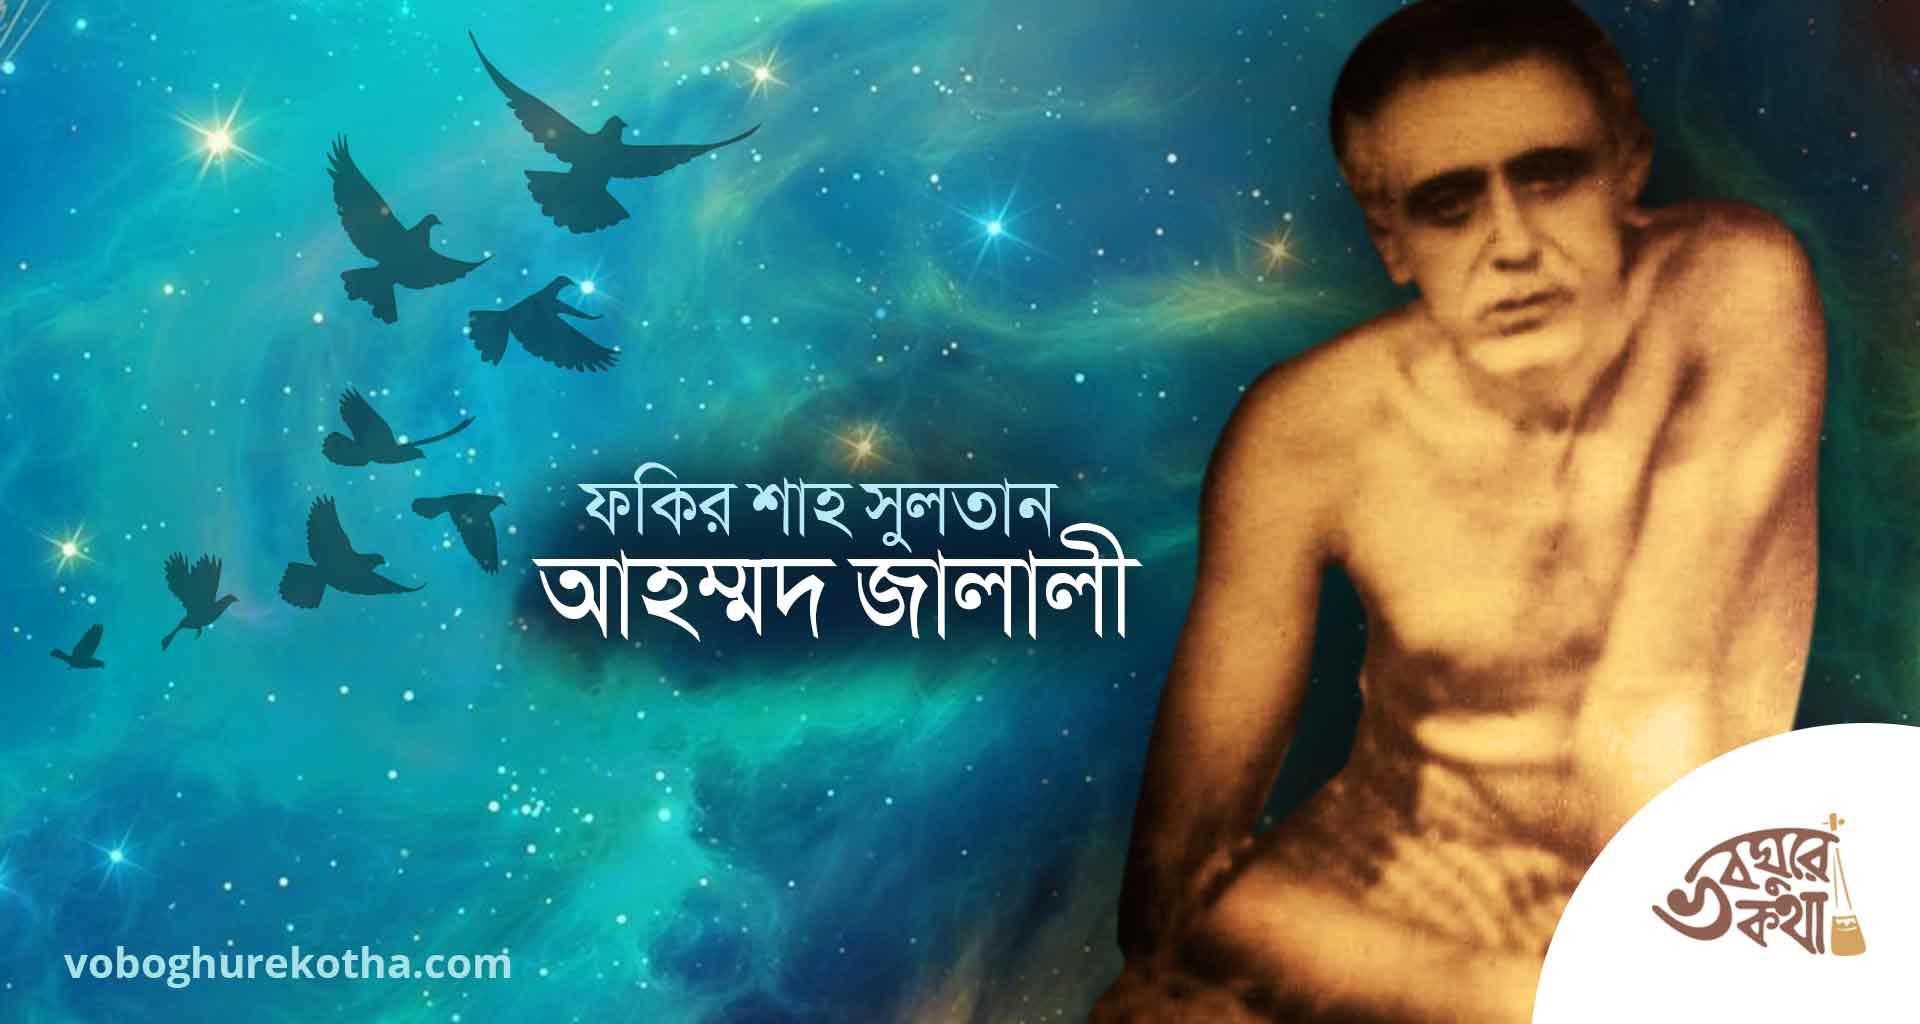 ফকির শাহ সুলতান আহম্মদ জালালী